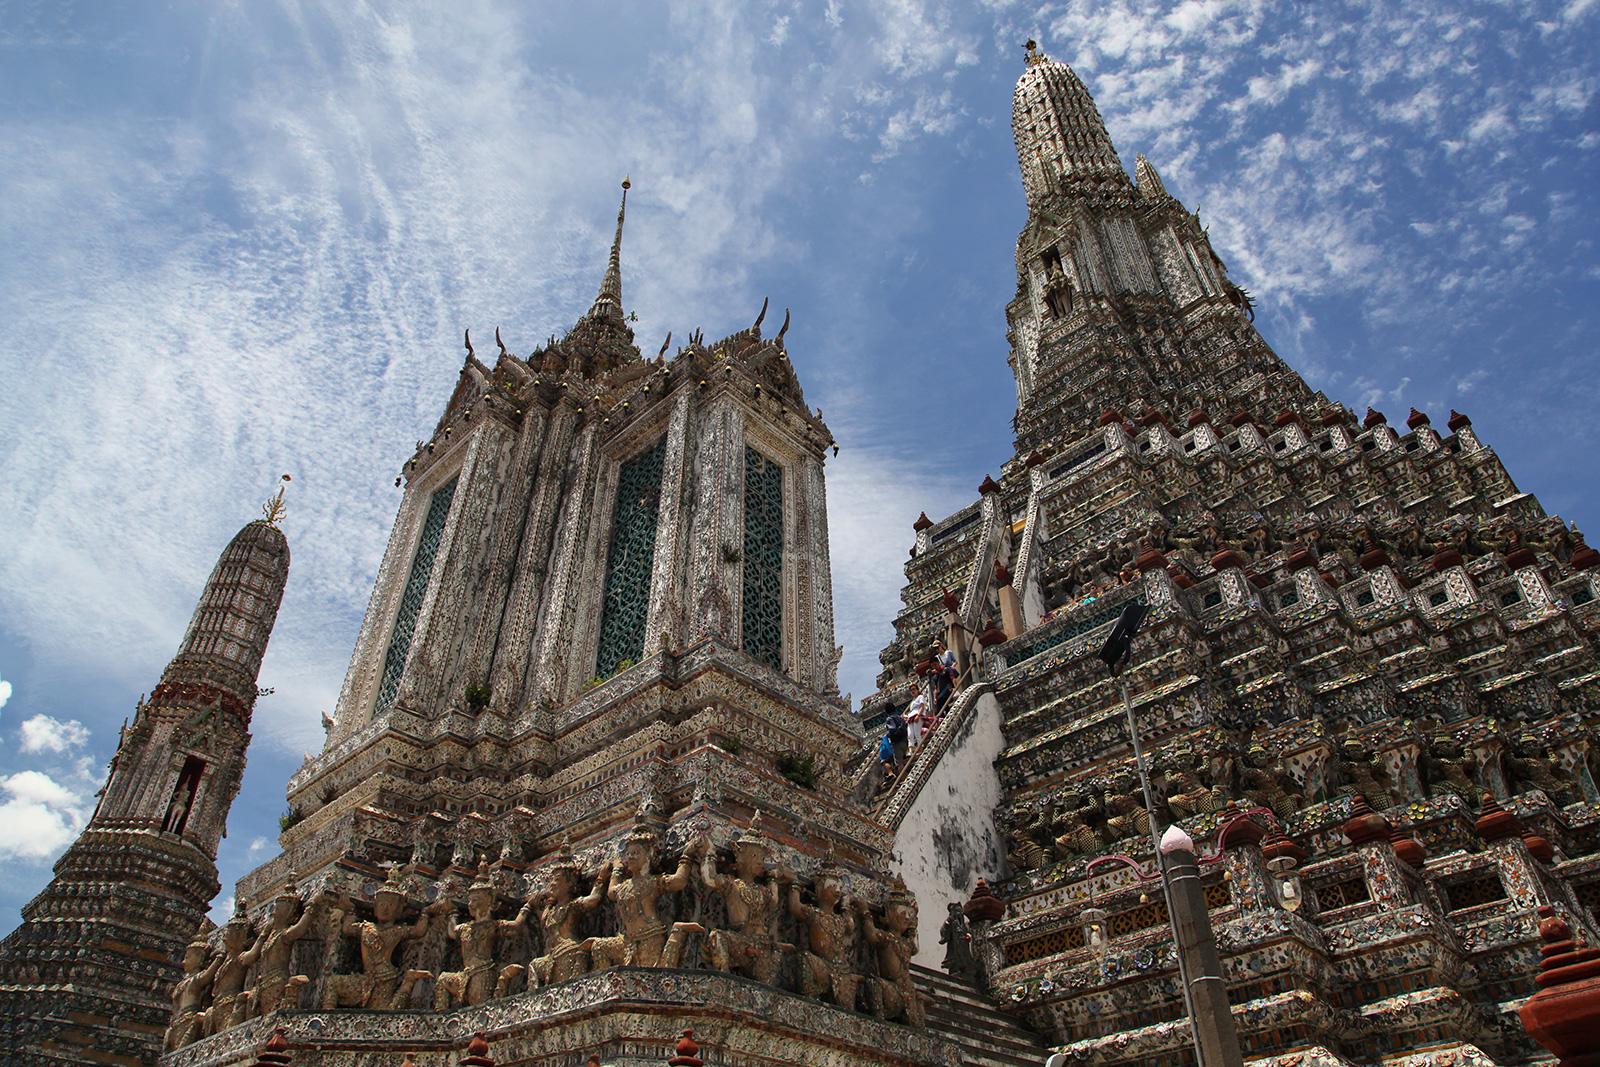 tempels-bangkok-thailand-9